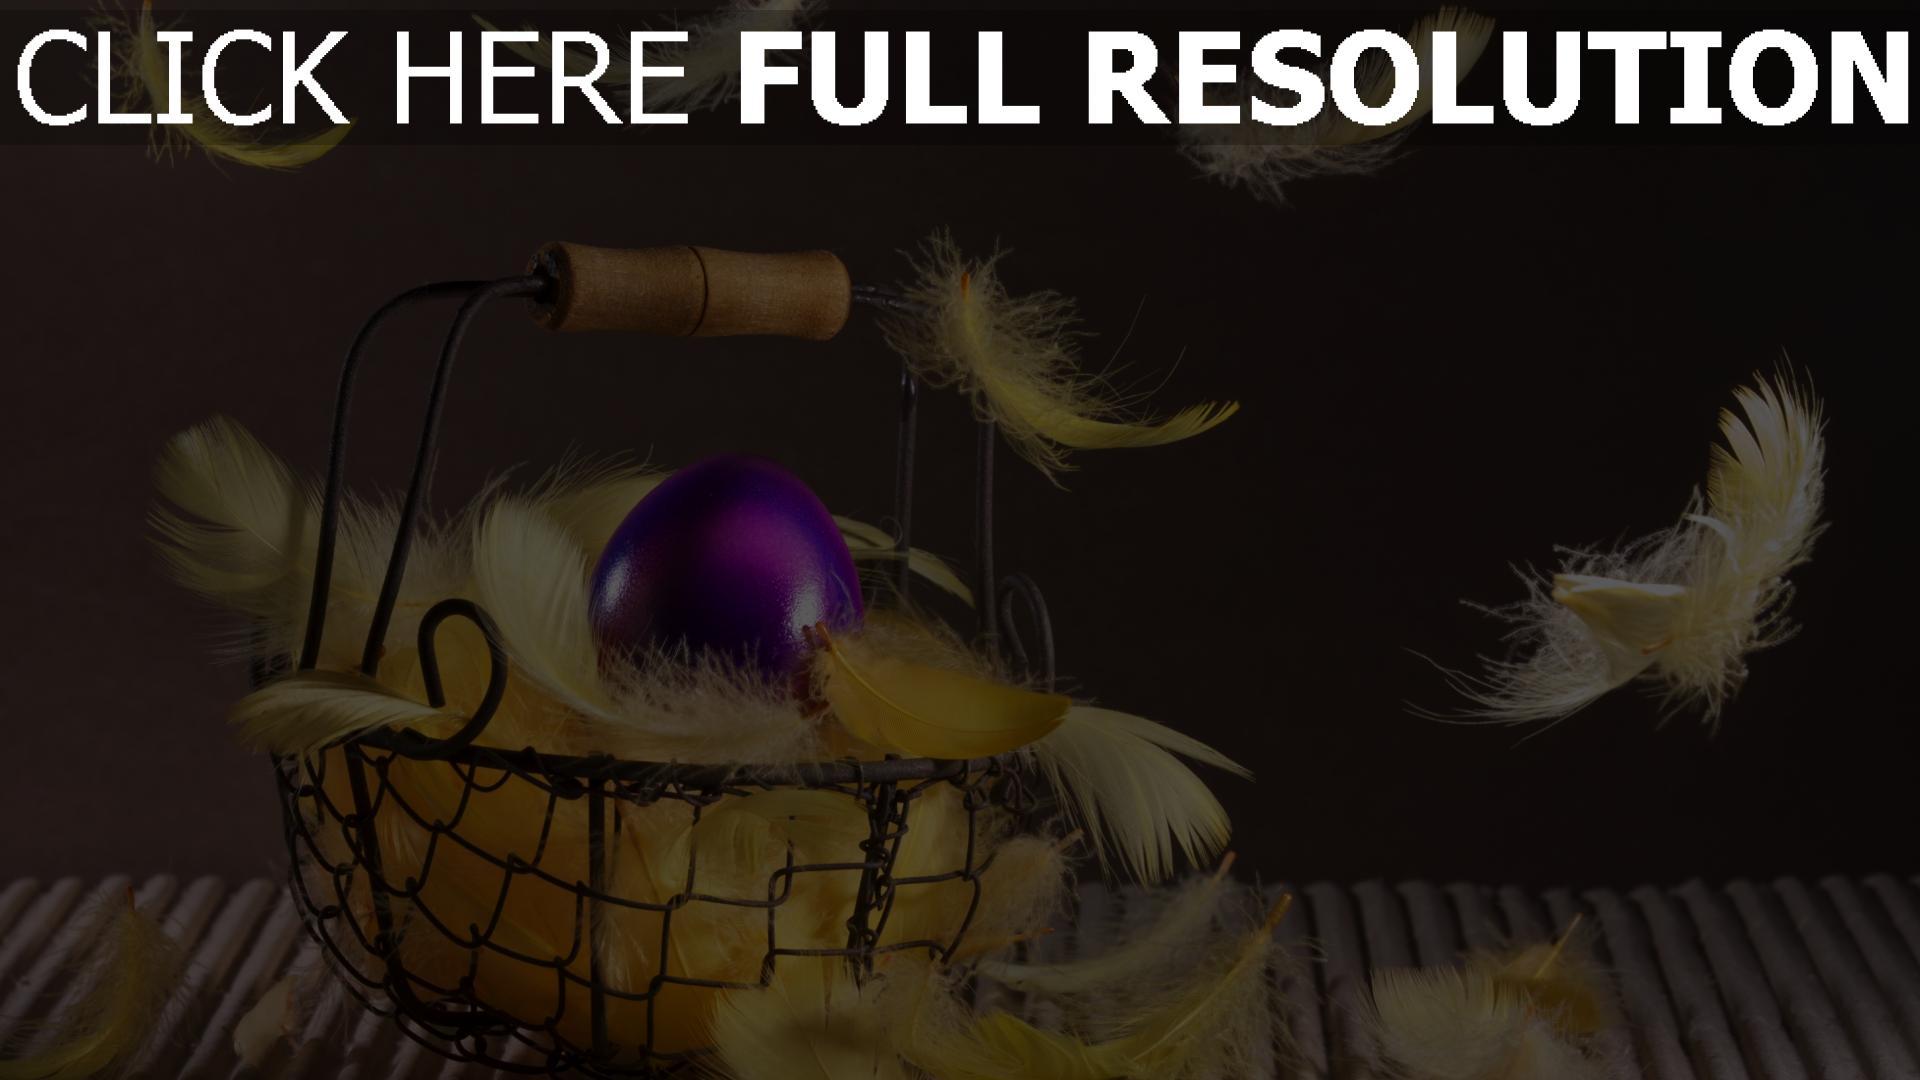 Hintergrundbilder Kostenlos Ostern hd hintergrundbilder ostern korb ei federn desktop hintergrund